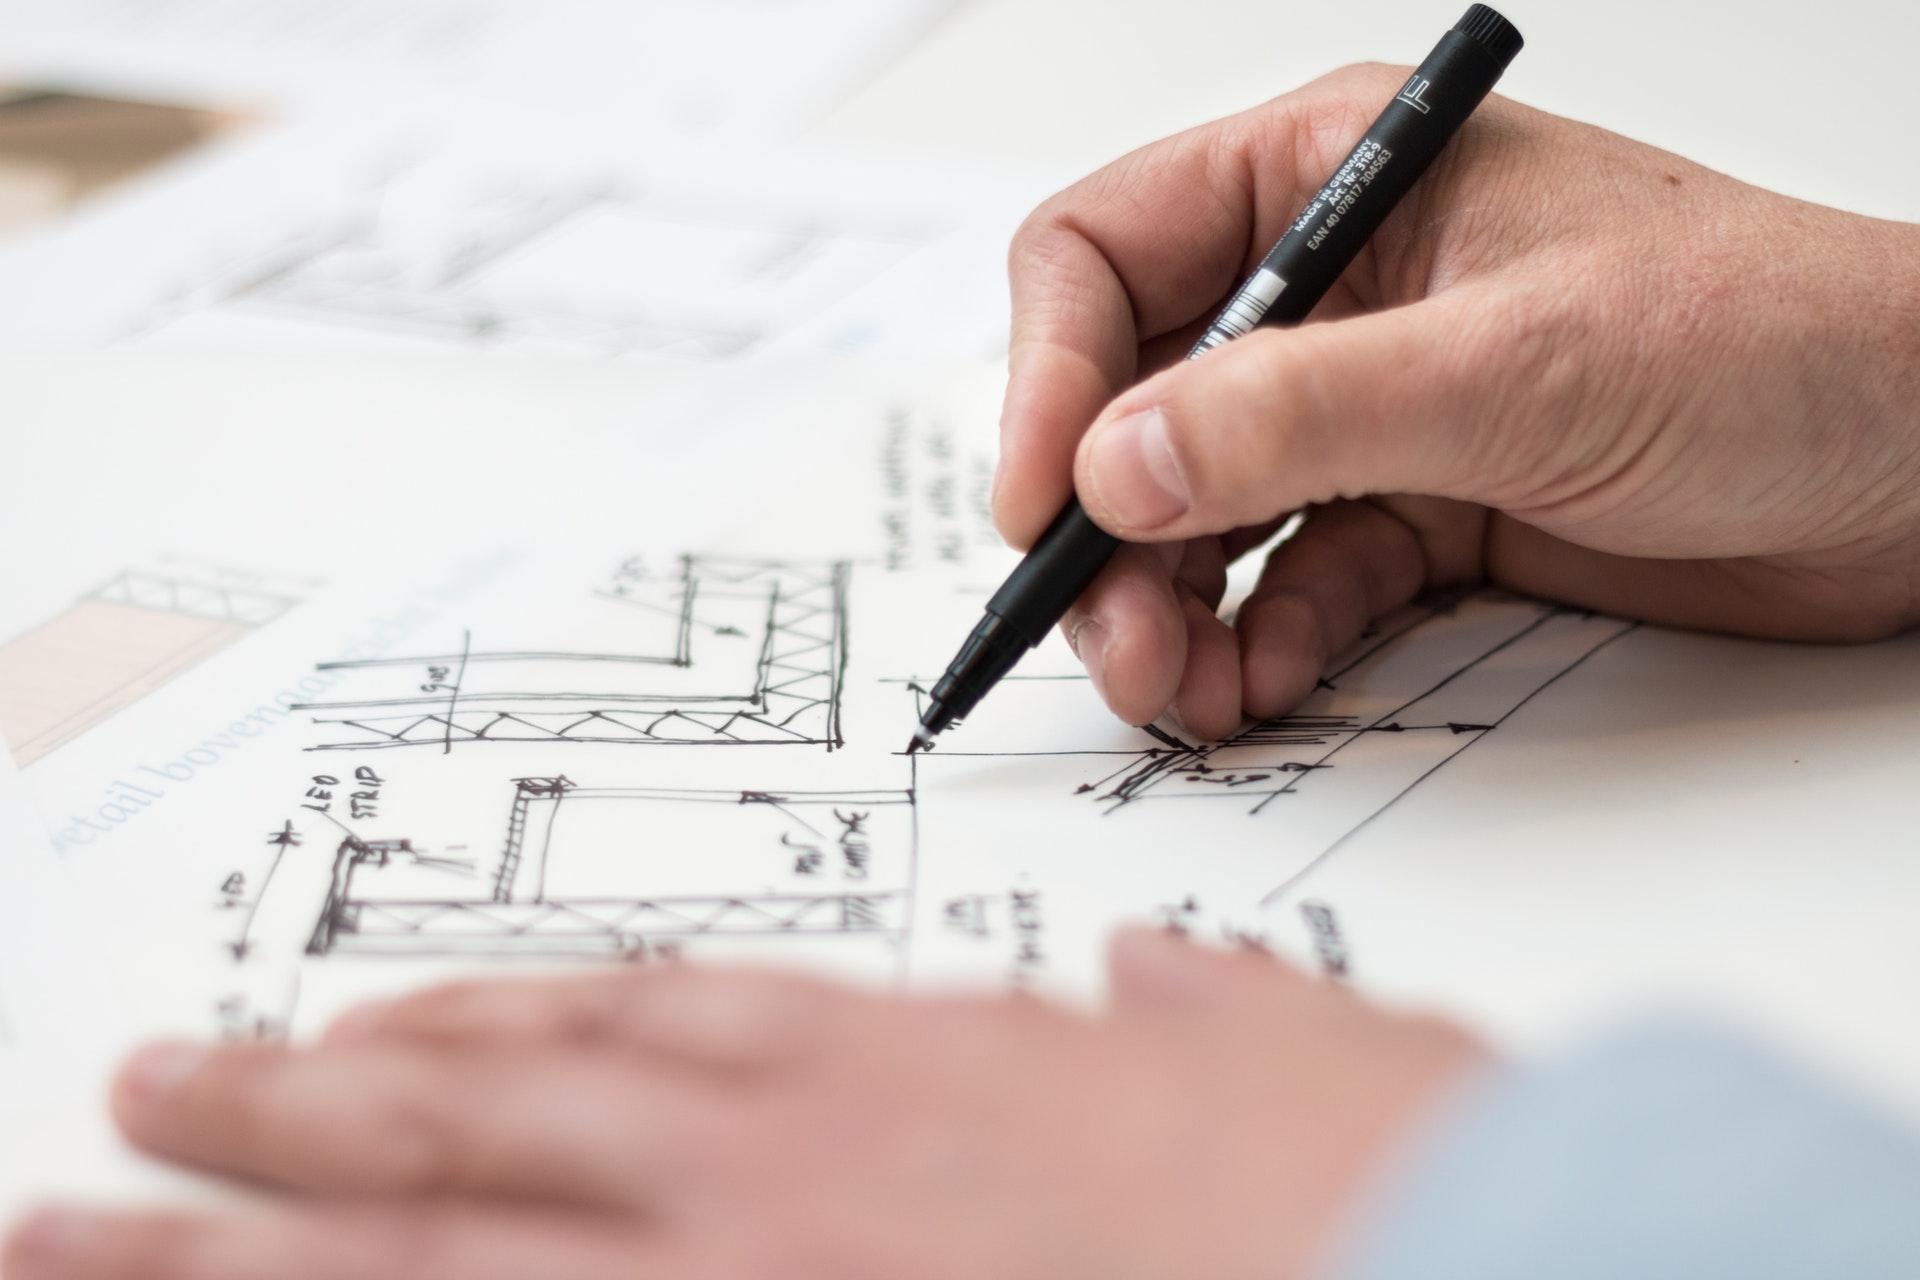 Дизайн-процесс: 7 шагов к идеальному проекту - 1